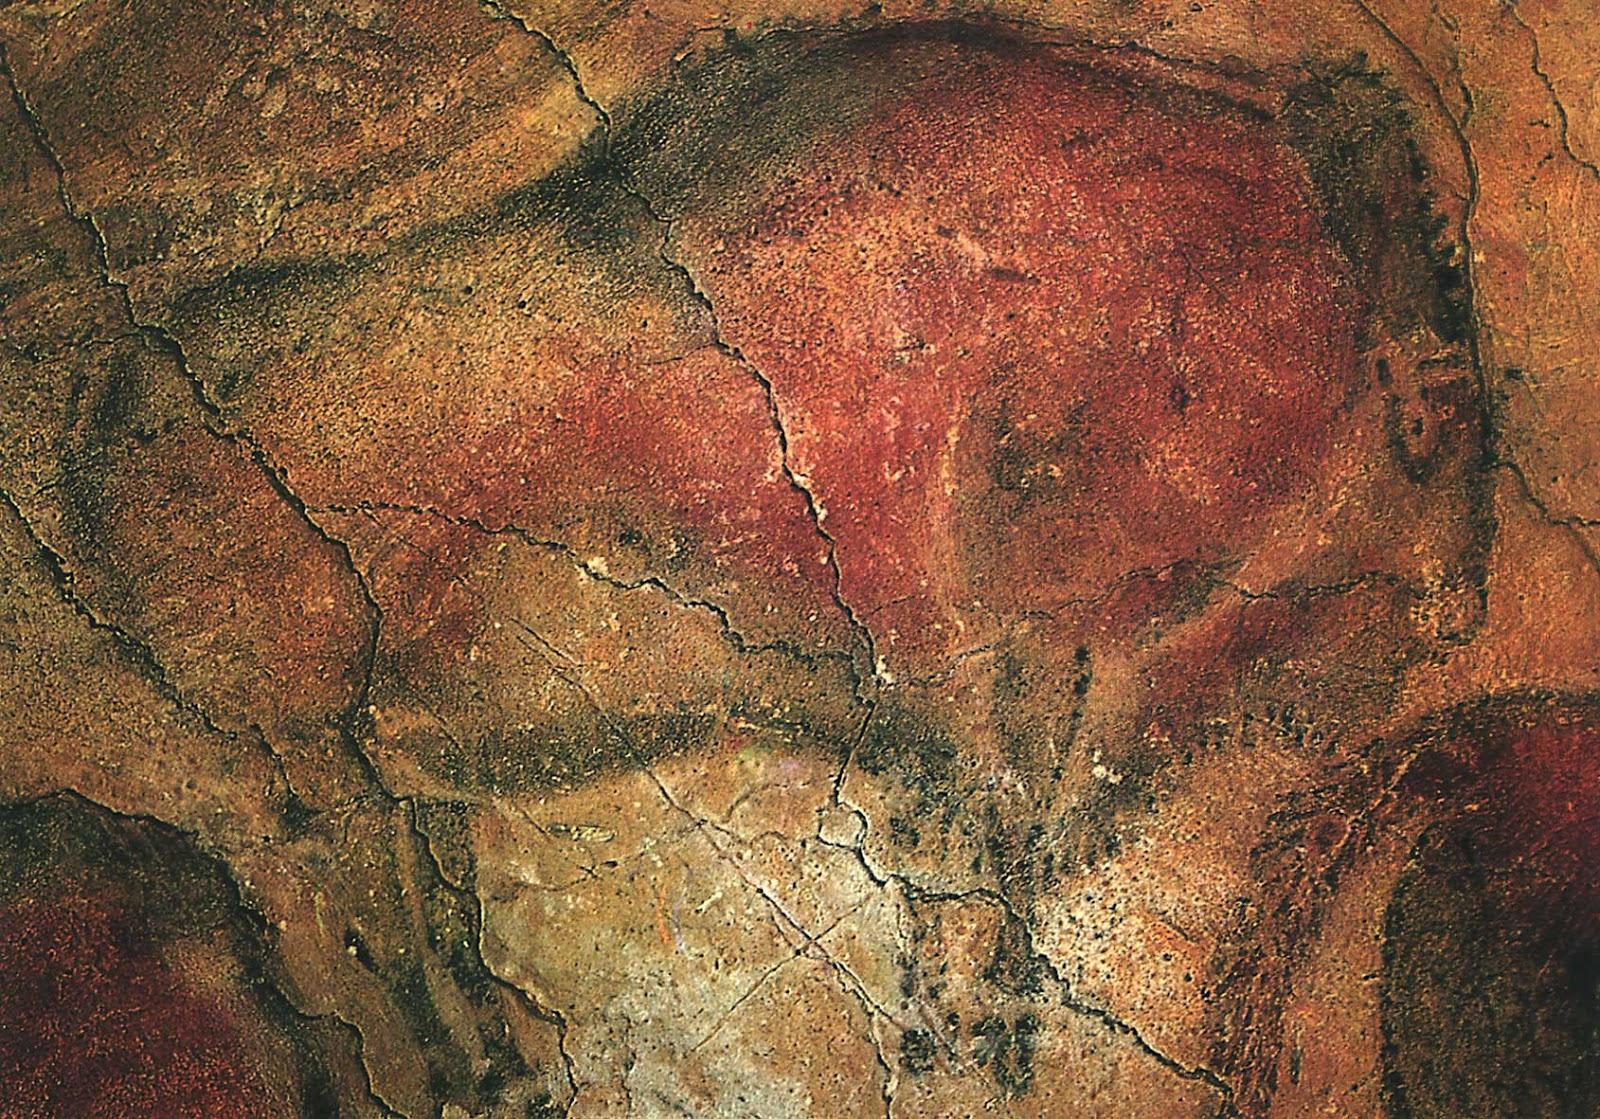 Vista Art Projects Lascaux Cave Paintings Stories